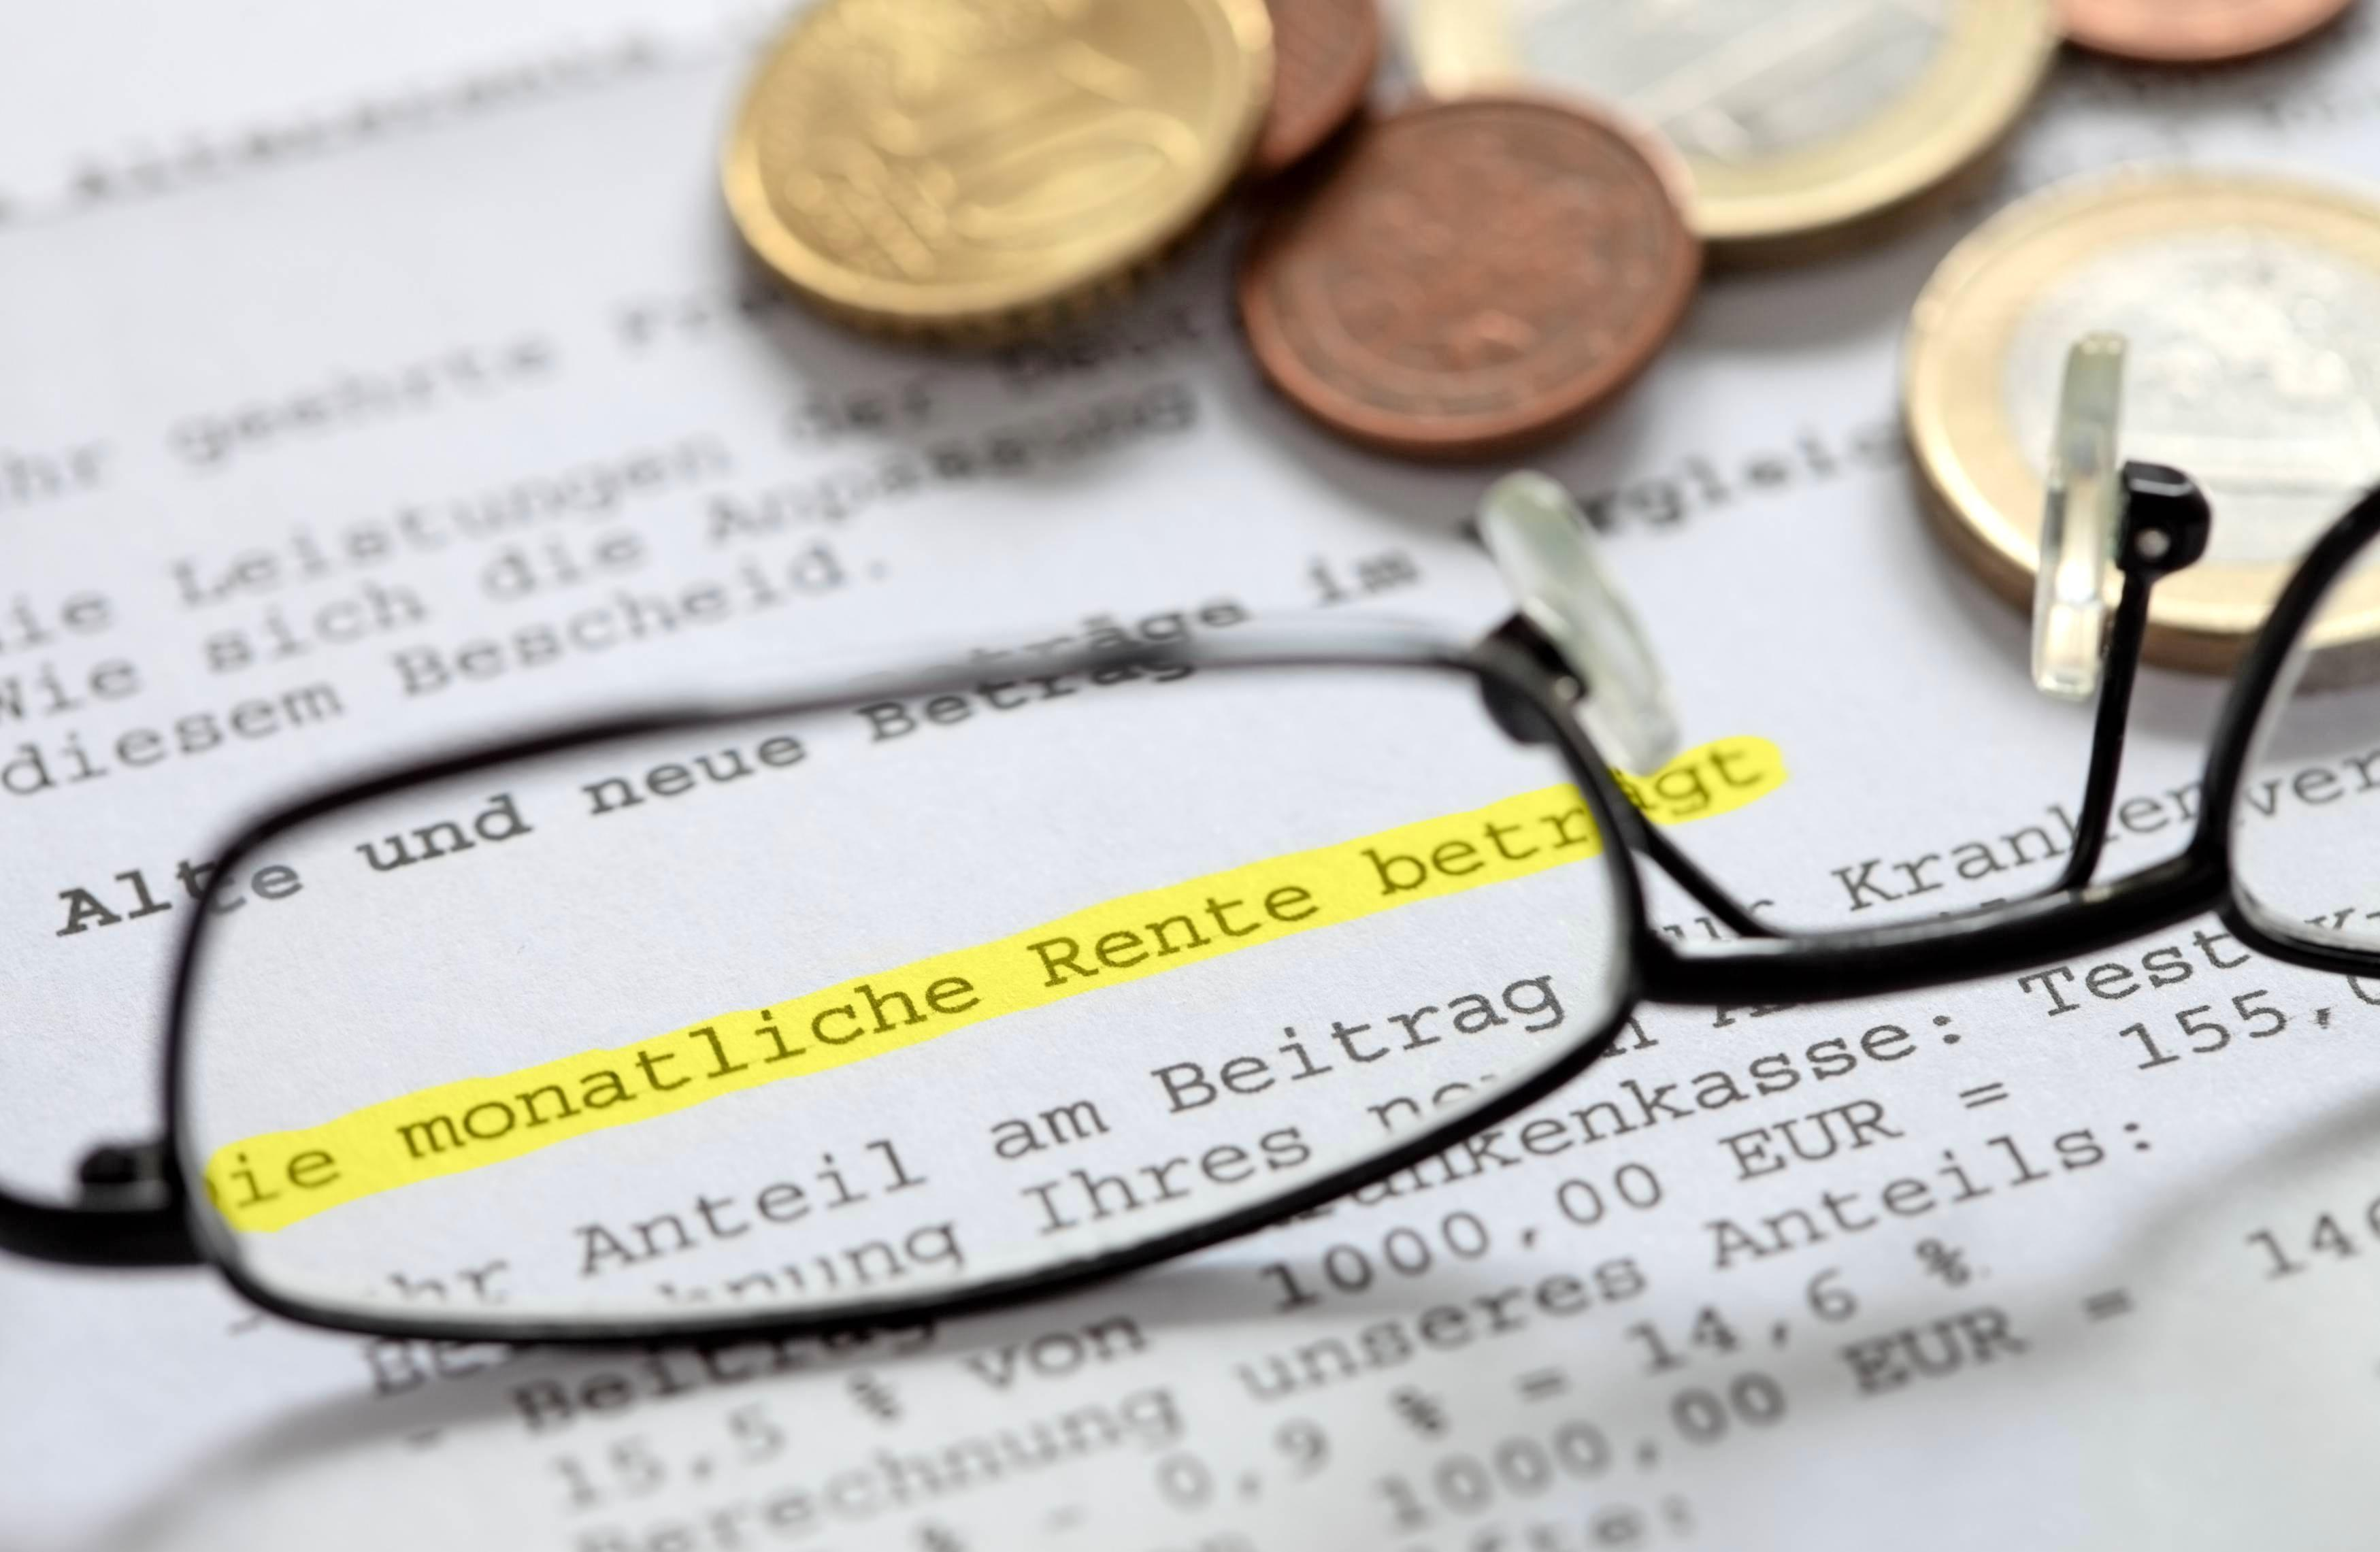 Die Renteninformation enthält wichtige Hinweise zur Absicherung im Alter. Die Berechnung basiert auf den aktuell erworbenen Anwartschaften. Foto: fovito/stock.adobe.com